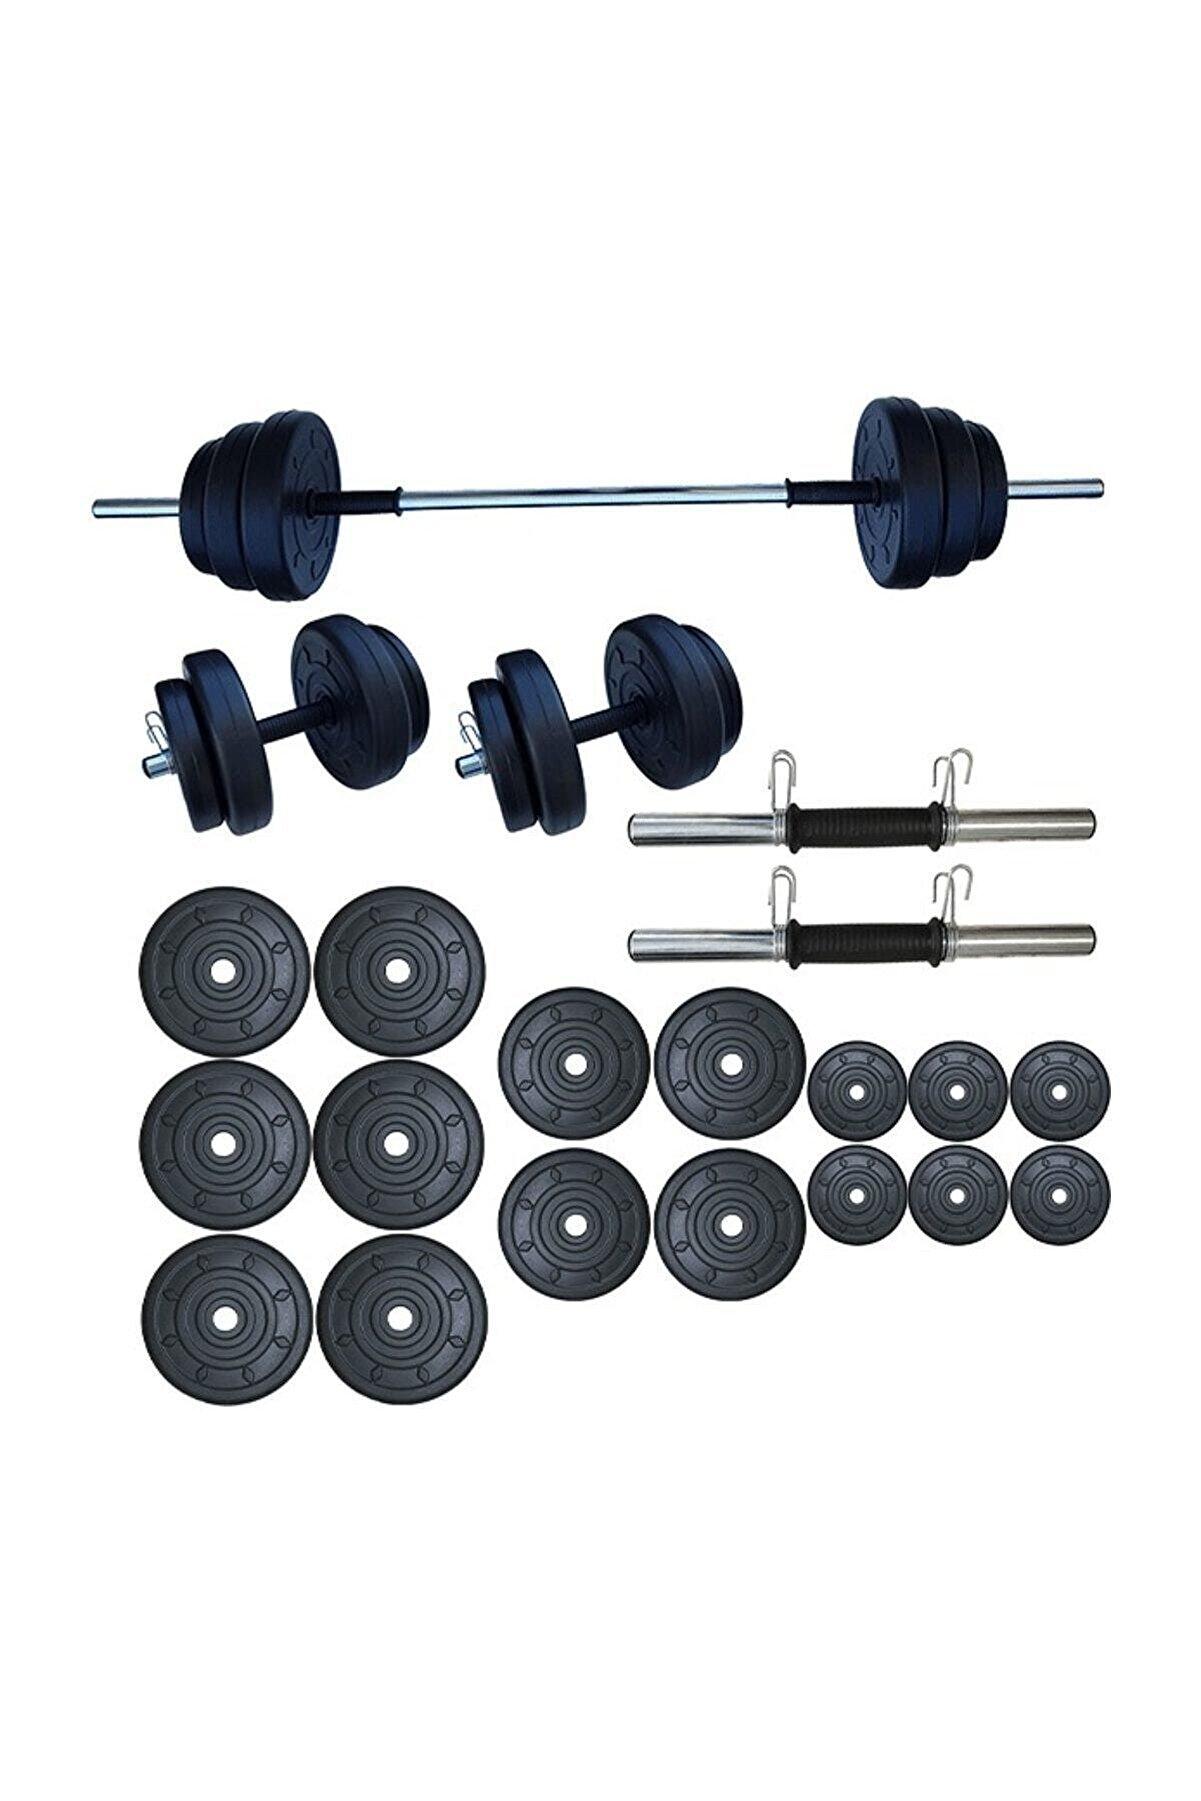 Dambılcım Halter Seti Dambıl Seti Ağırlık Ve Vücut Geliştirme Aleti 85 kg